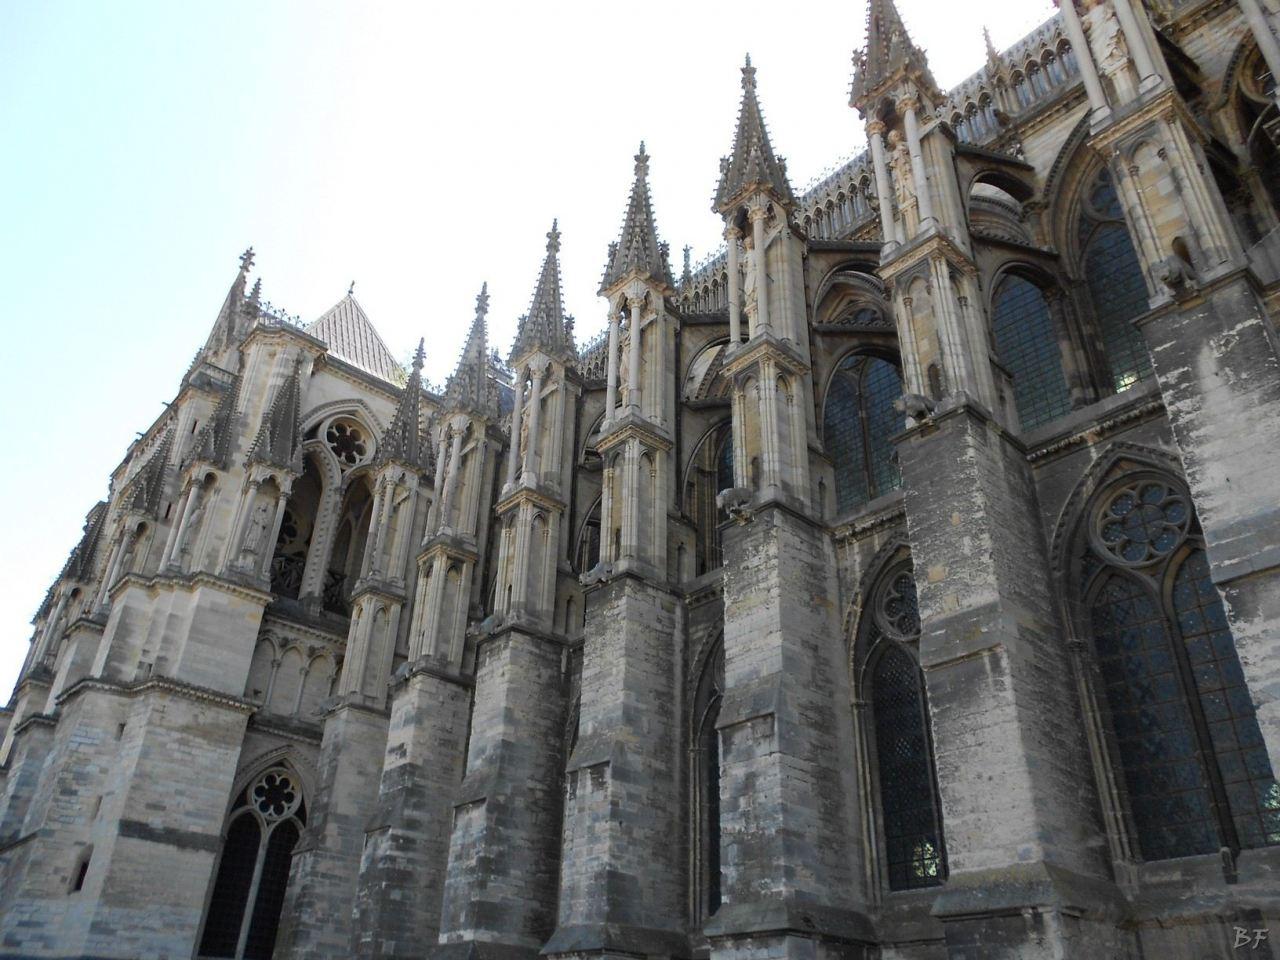 Cattedrale-Gotica-della-Vergine-di-Reims-Marne-Gran-Est-Francia-7